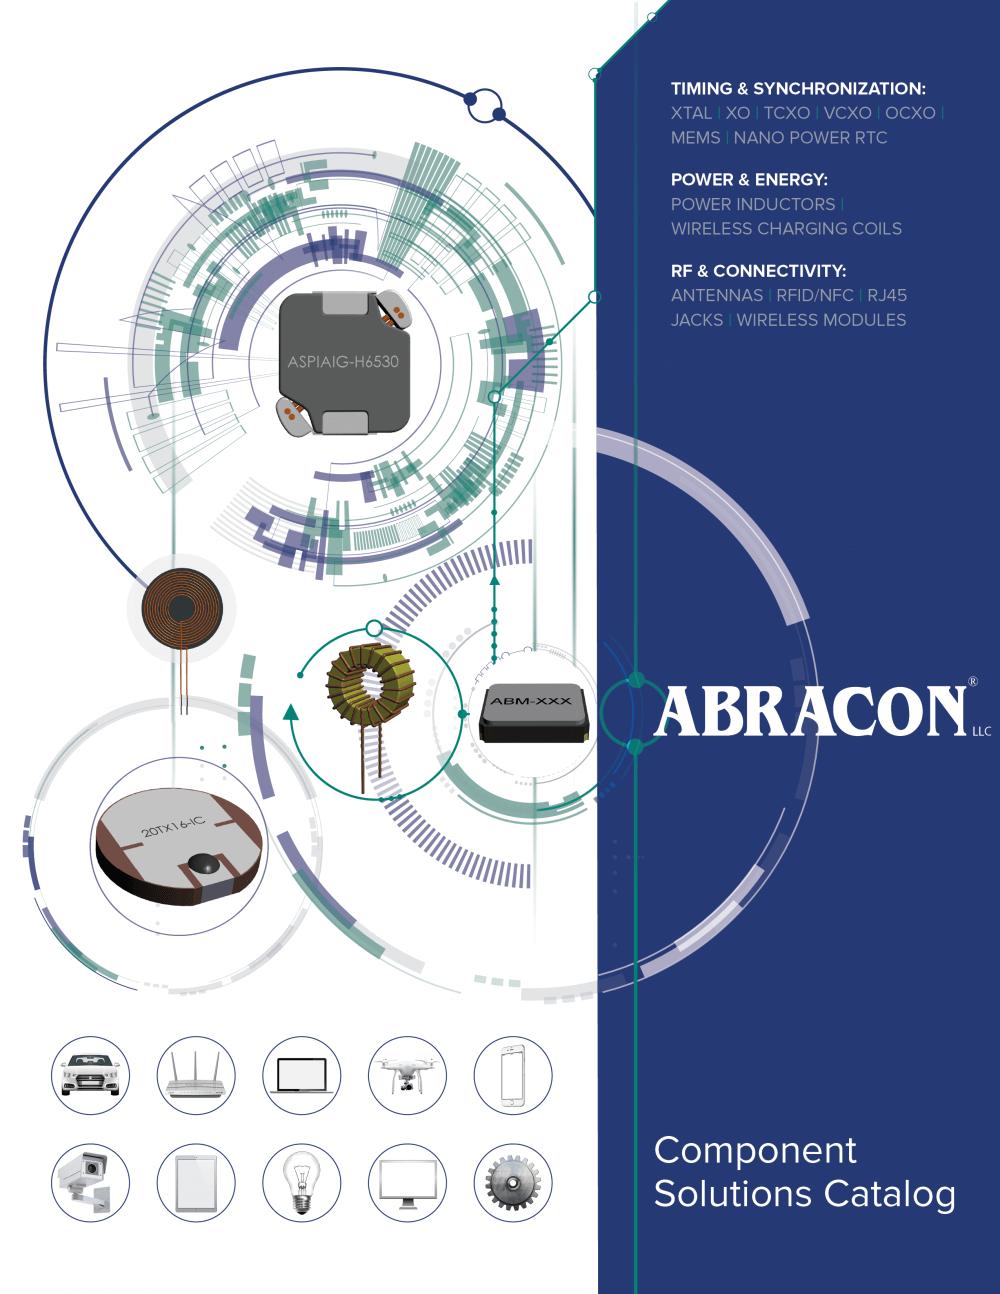 Abracon Catalog